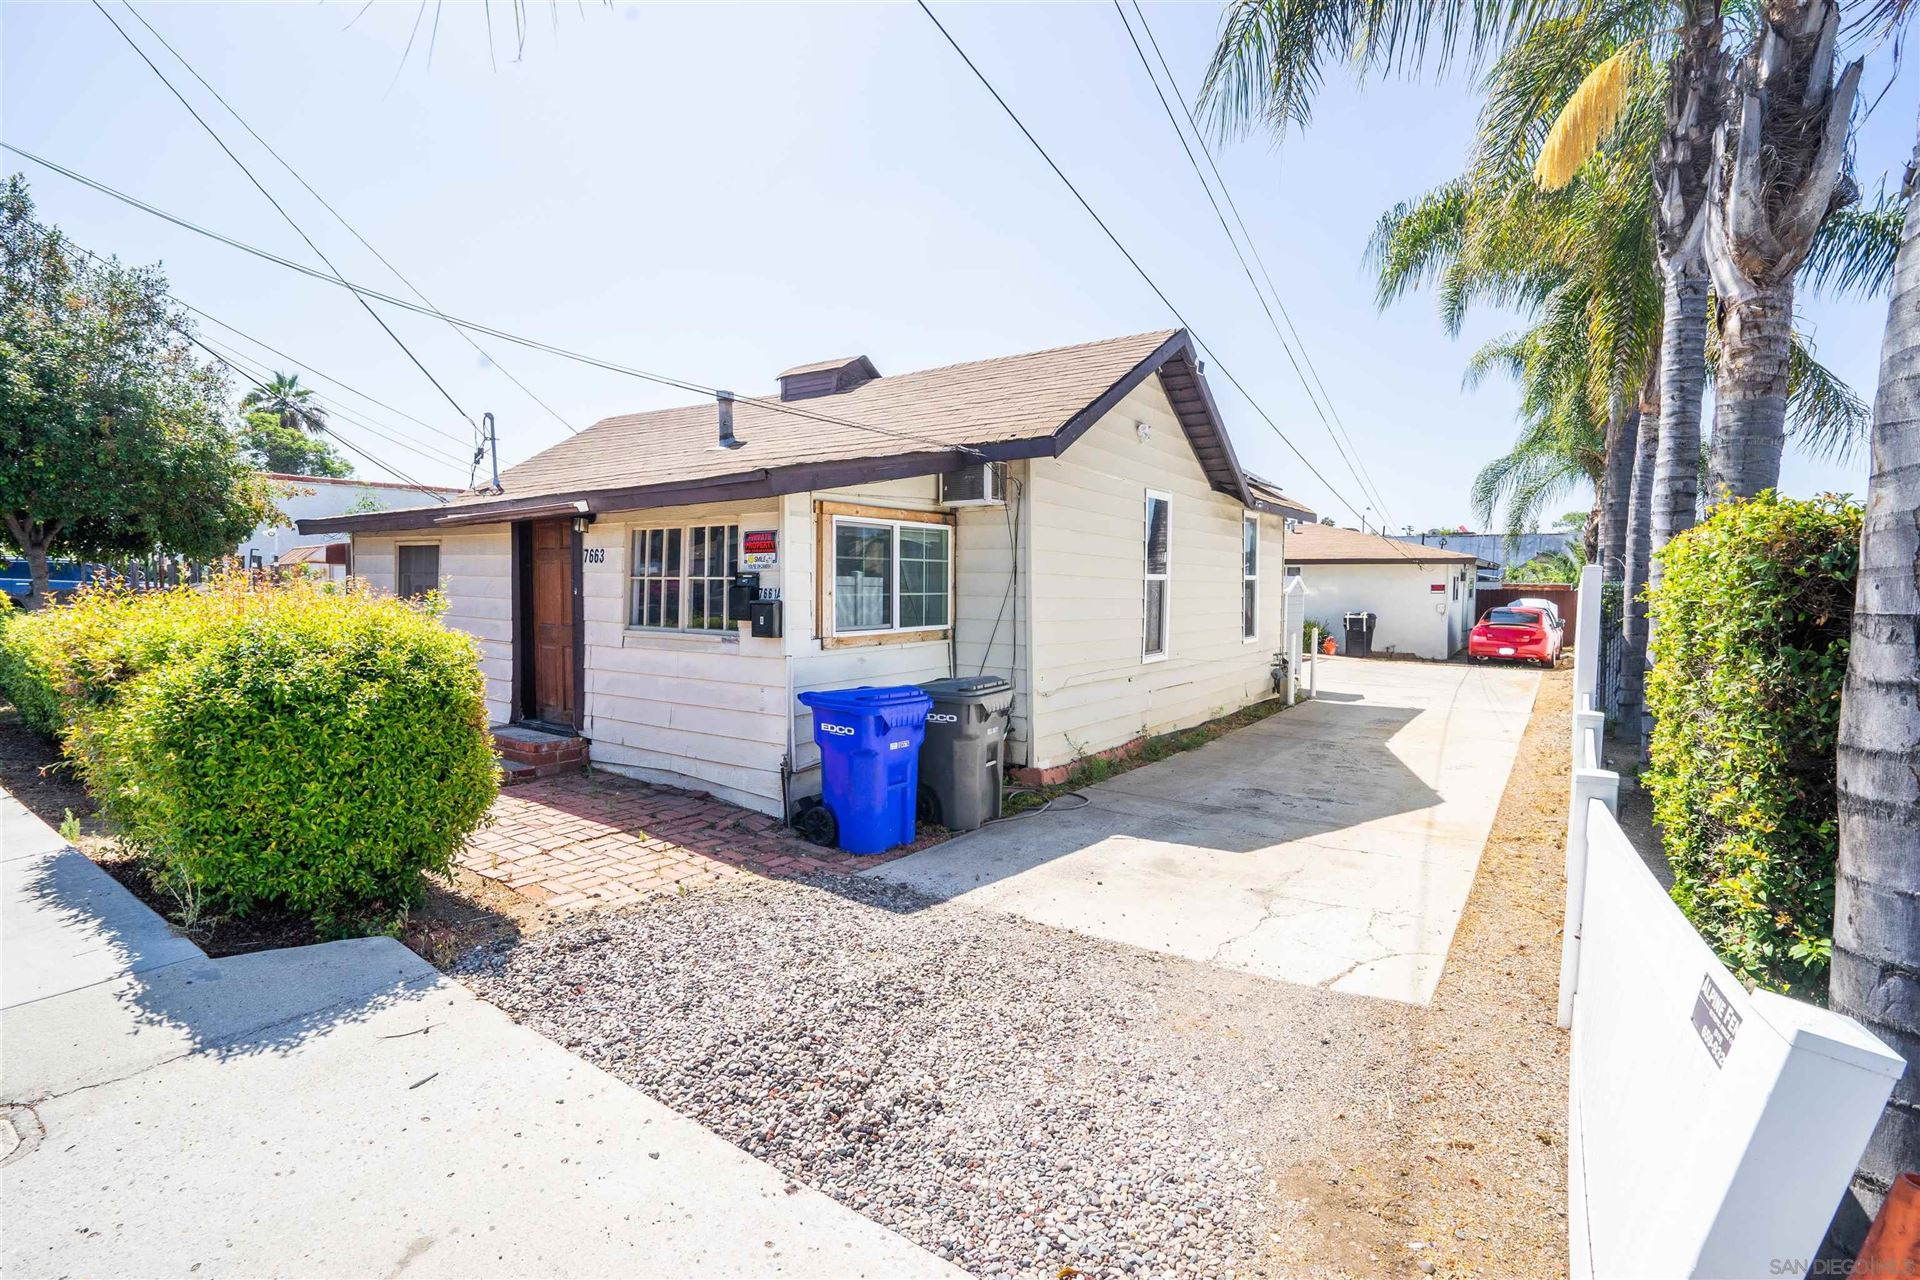 Photo of 7661-7663 Lemon Ave, Lemon Grove, CA 91945 (MLS # 210024014)